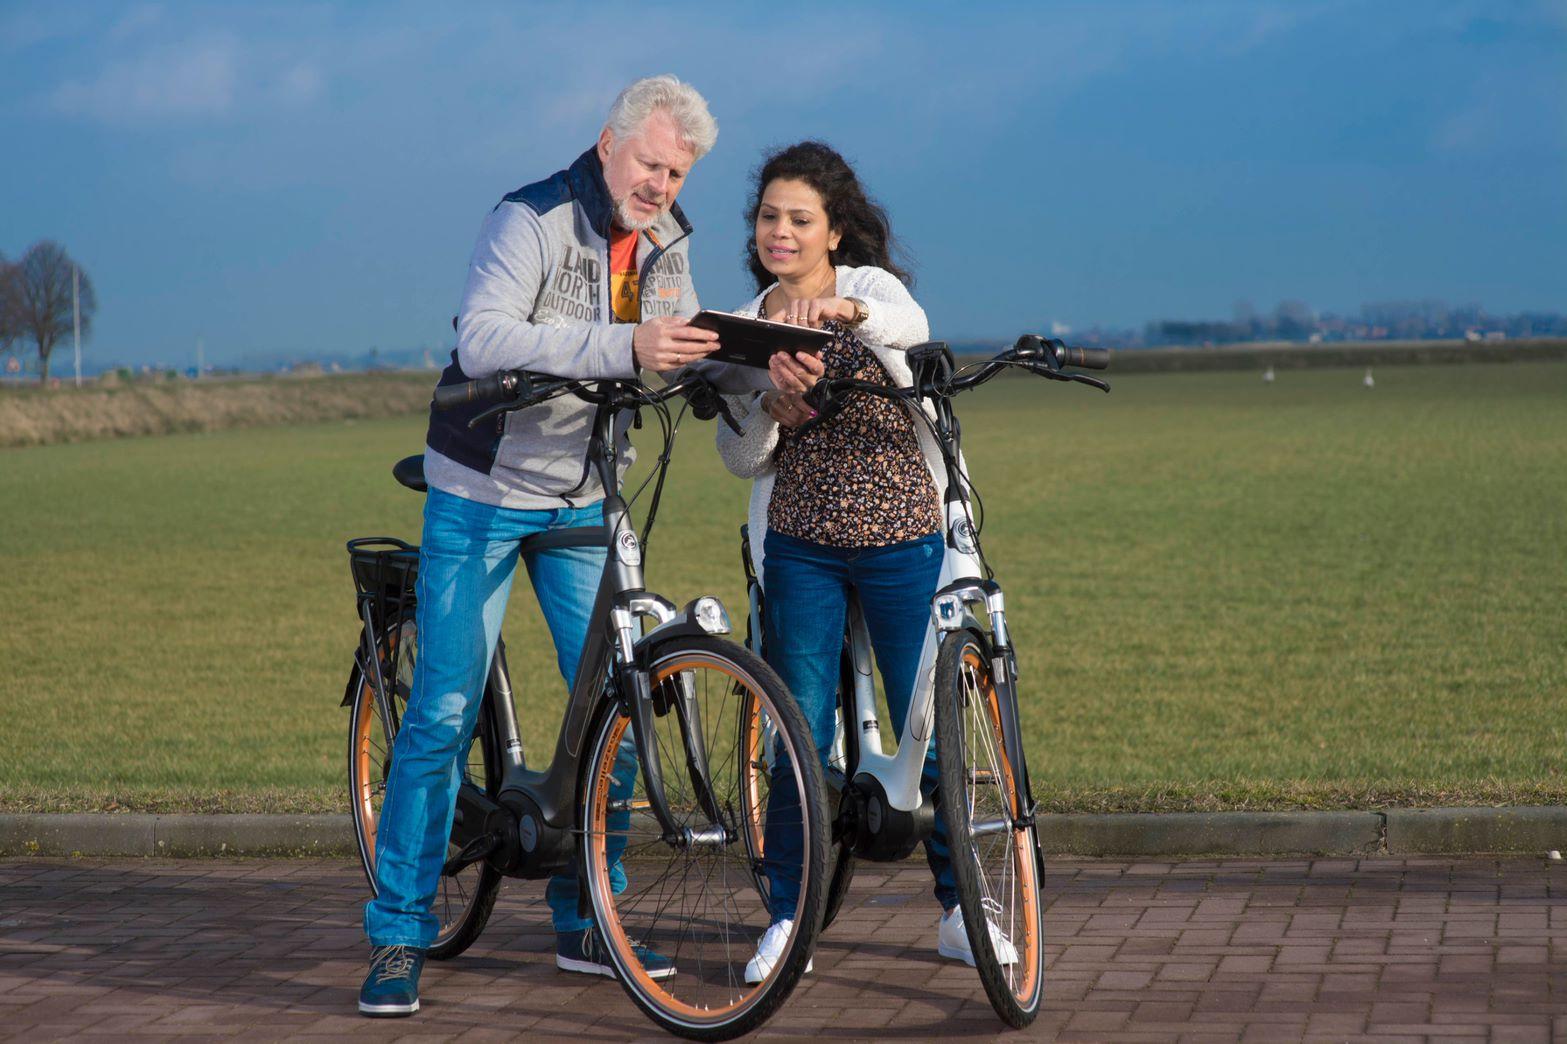 Trainen met de e-bike. (Foto: aangeleverd)